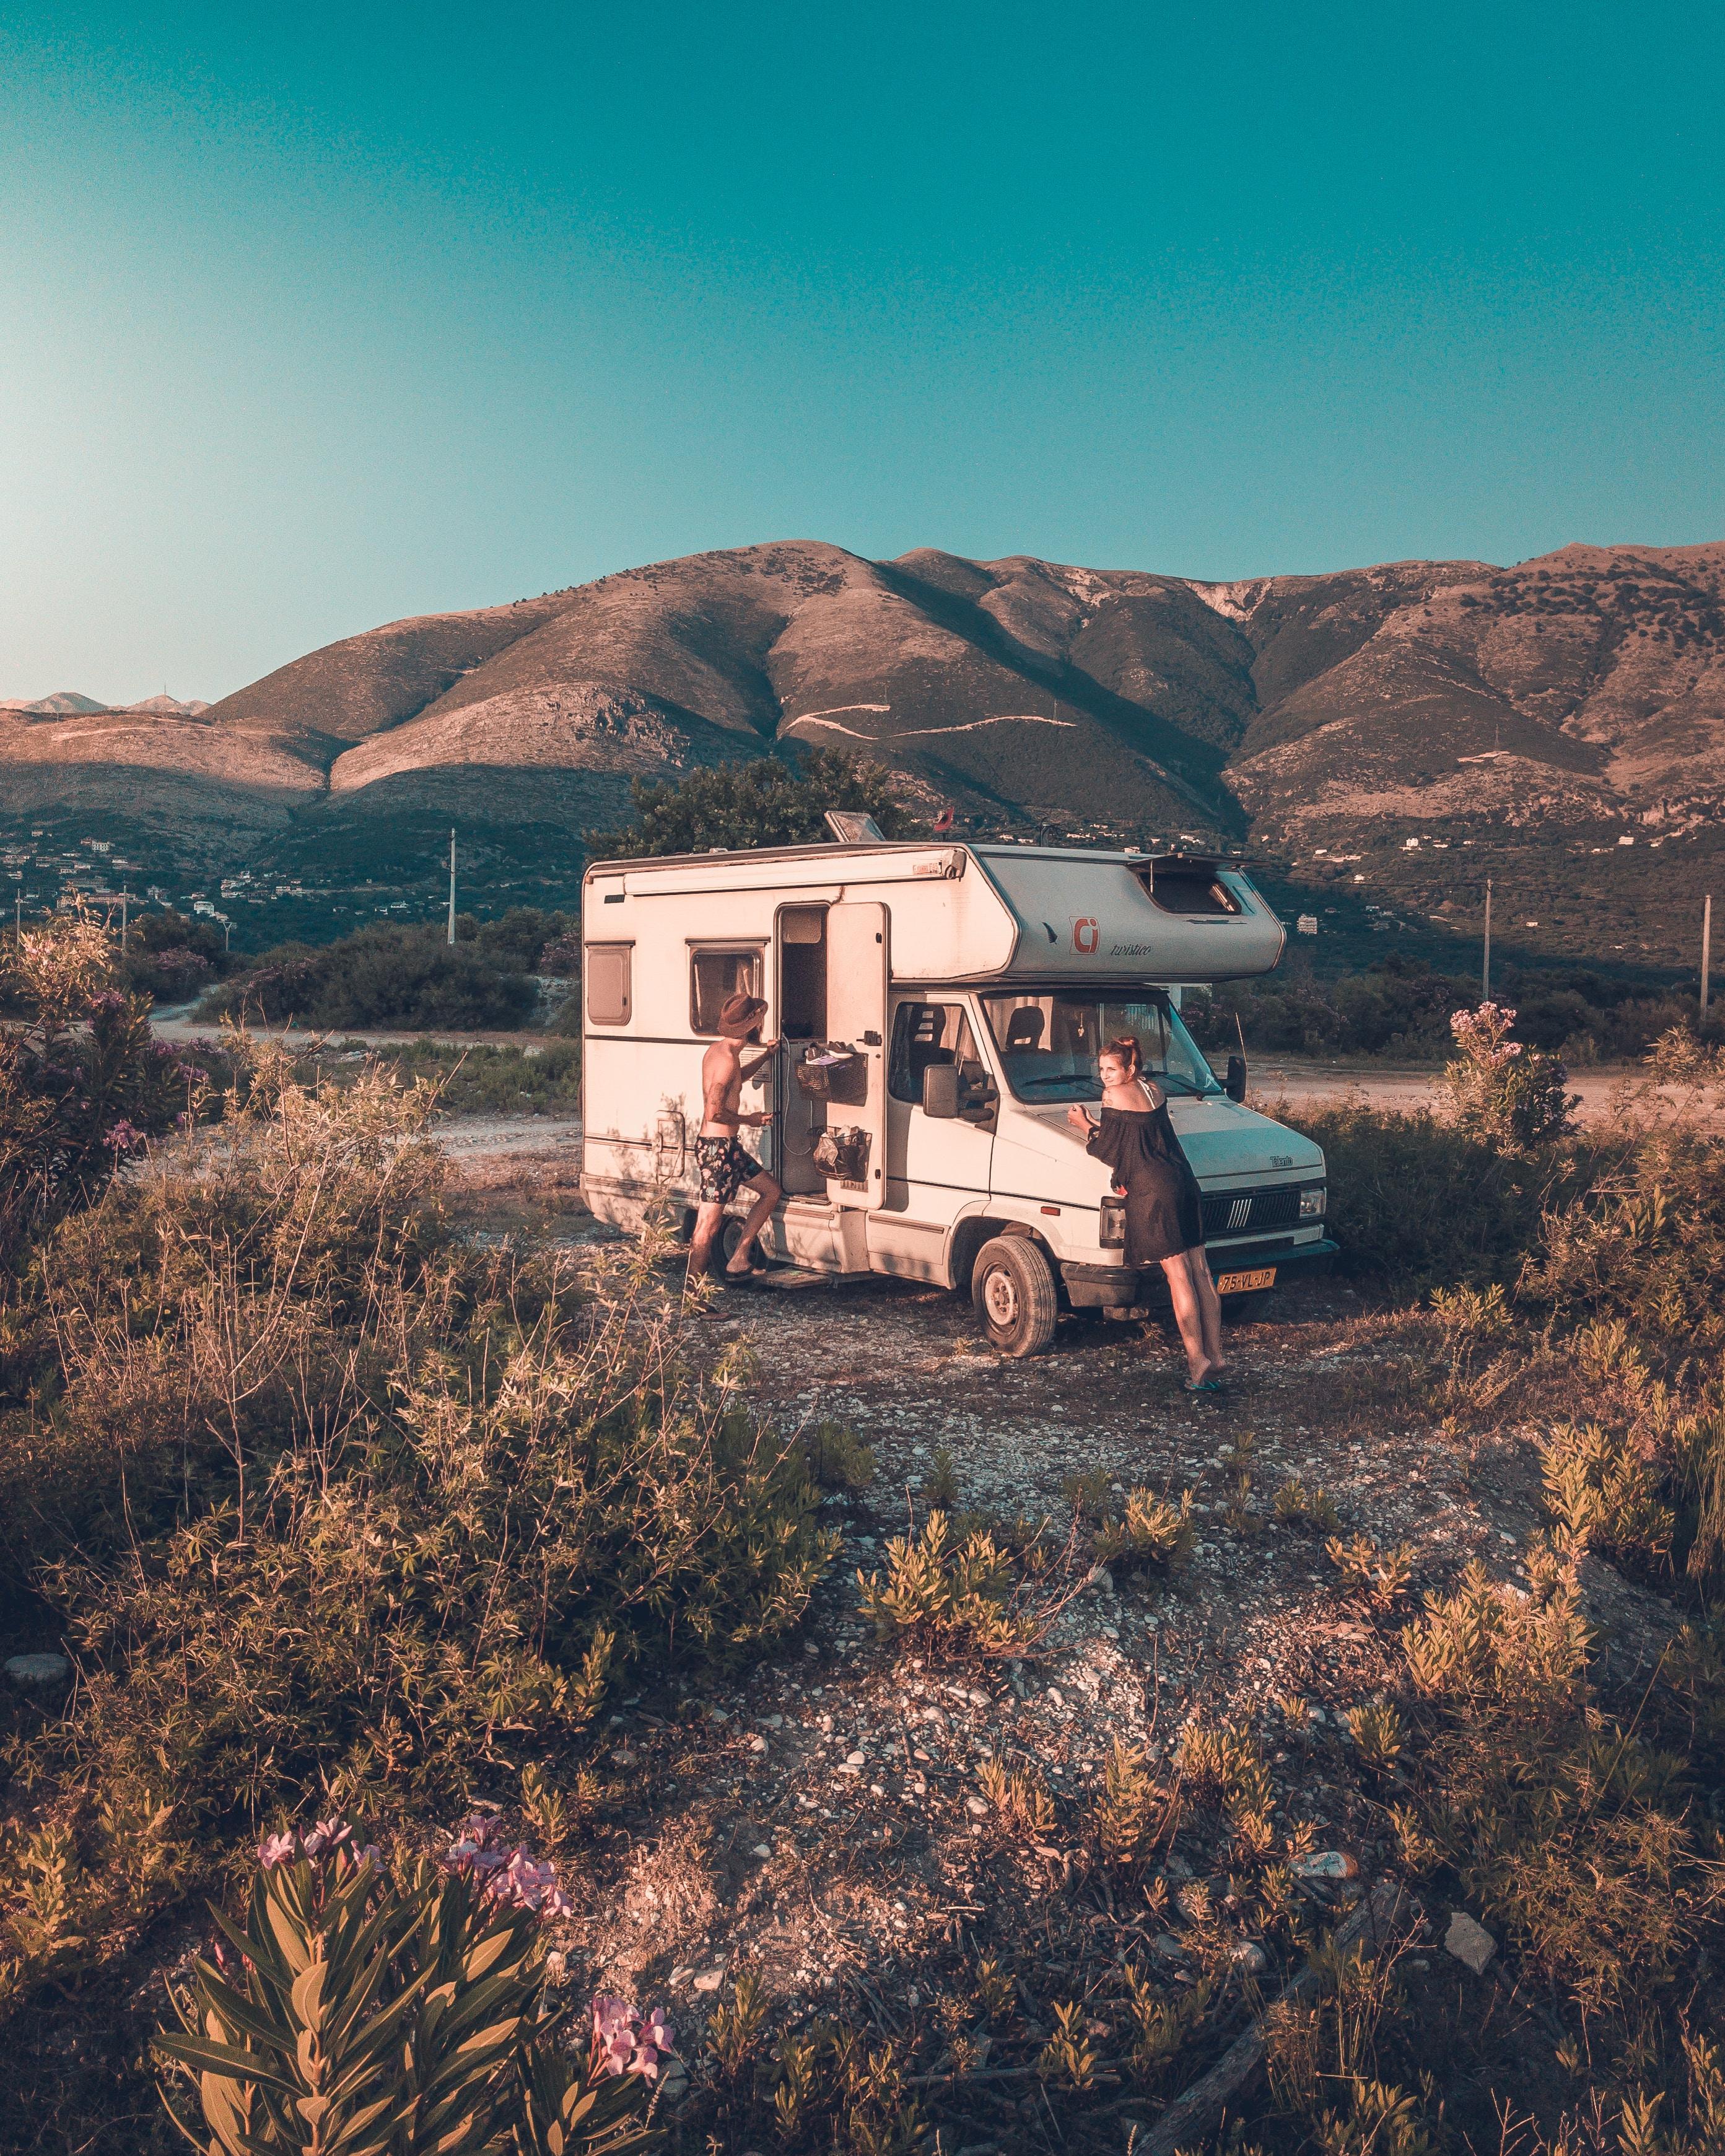 Den Abwassertank im Wohnmobil einfach reinigen  Campstar Trends